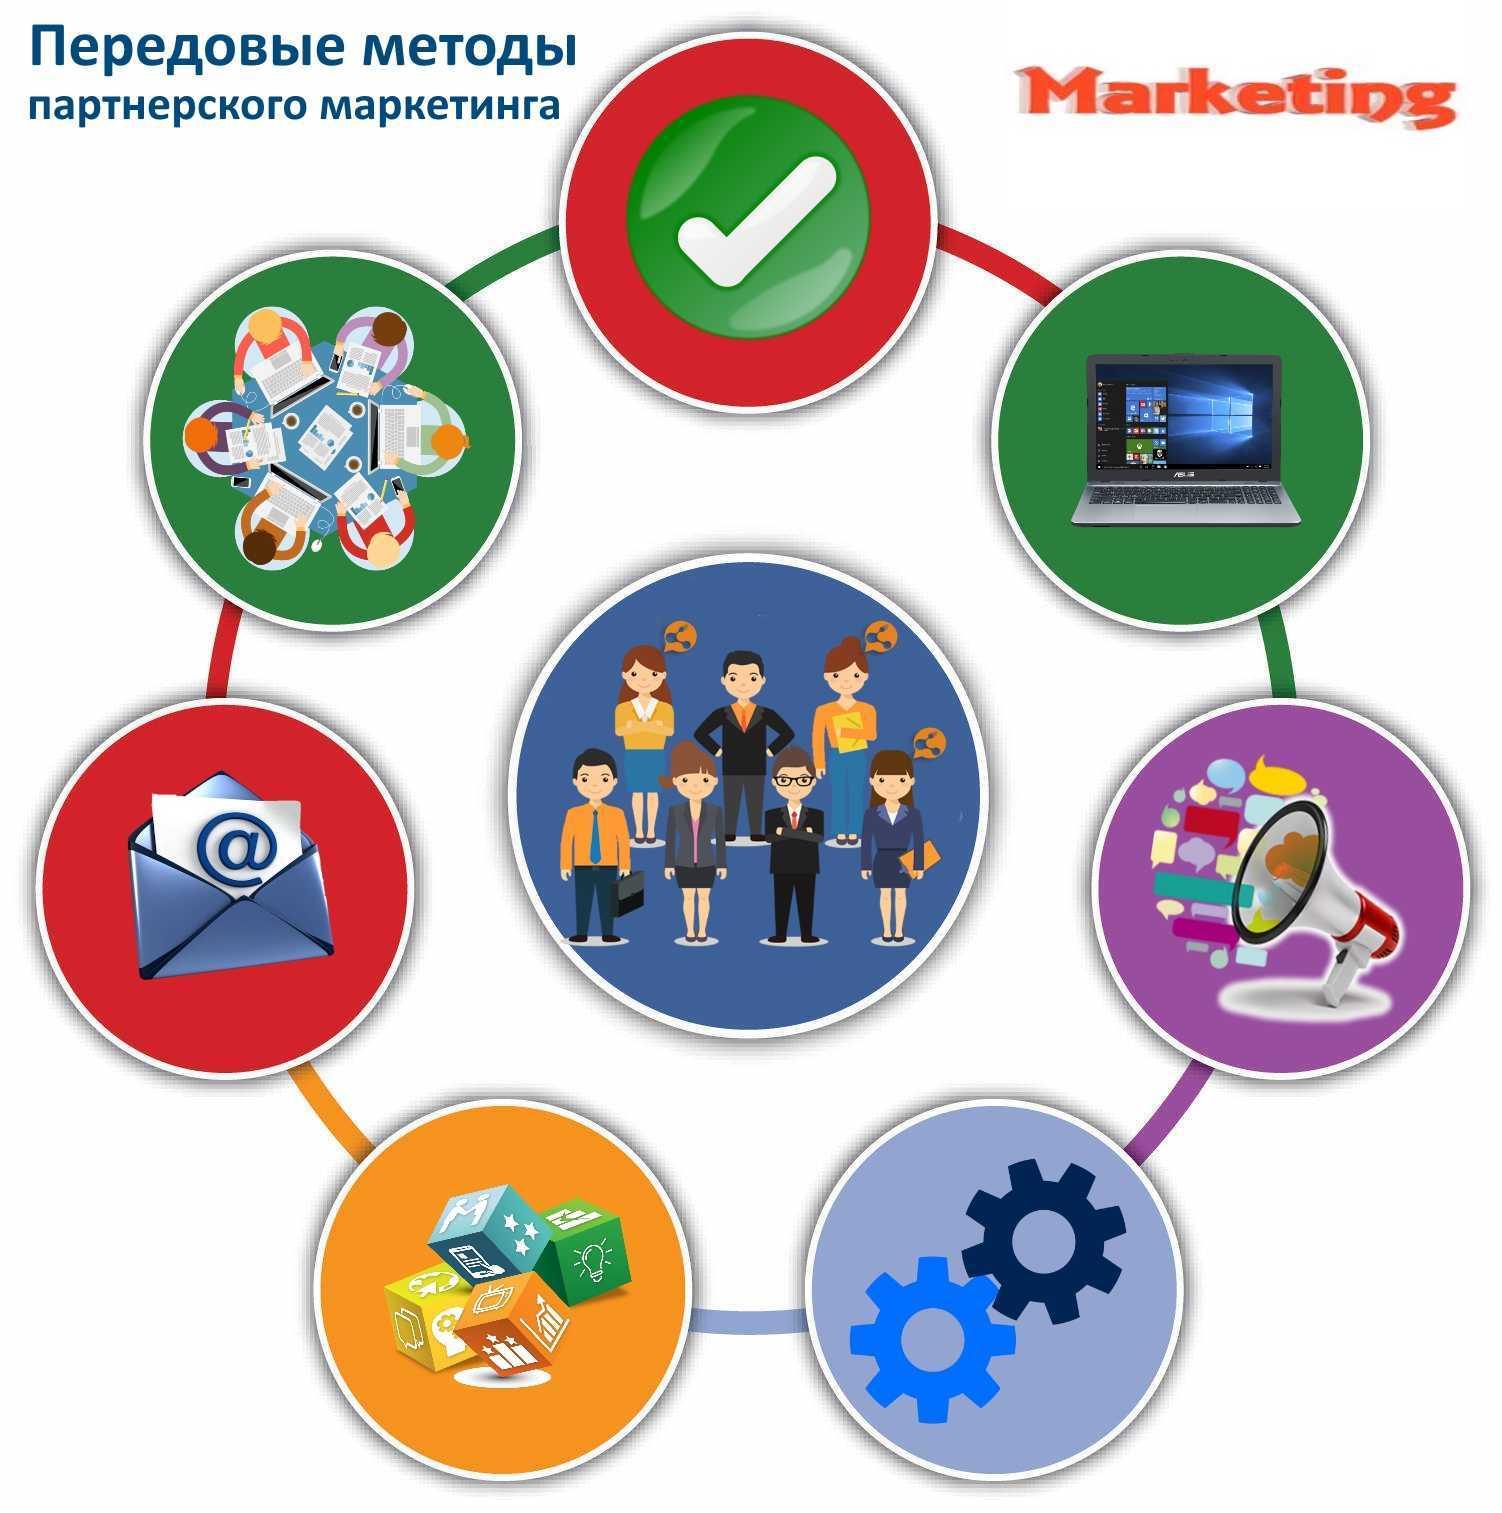 Передовые методы партнерского маркетинга